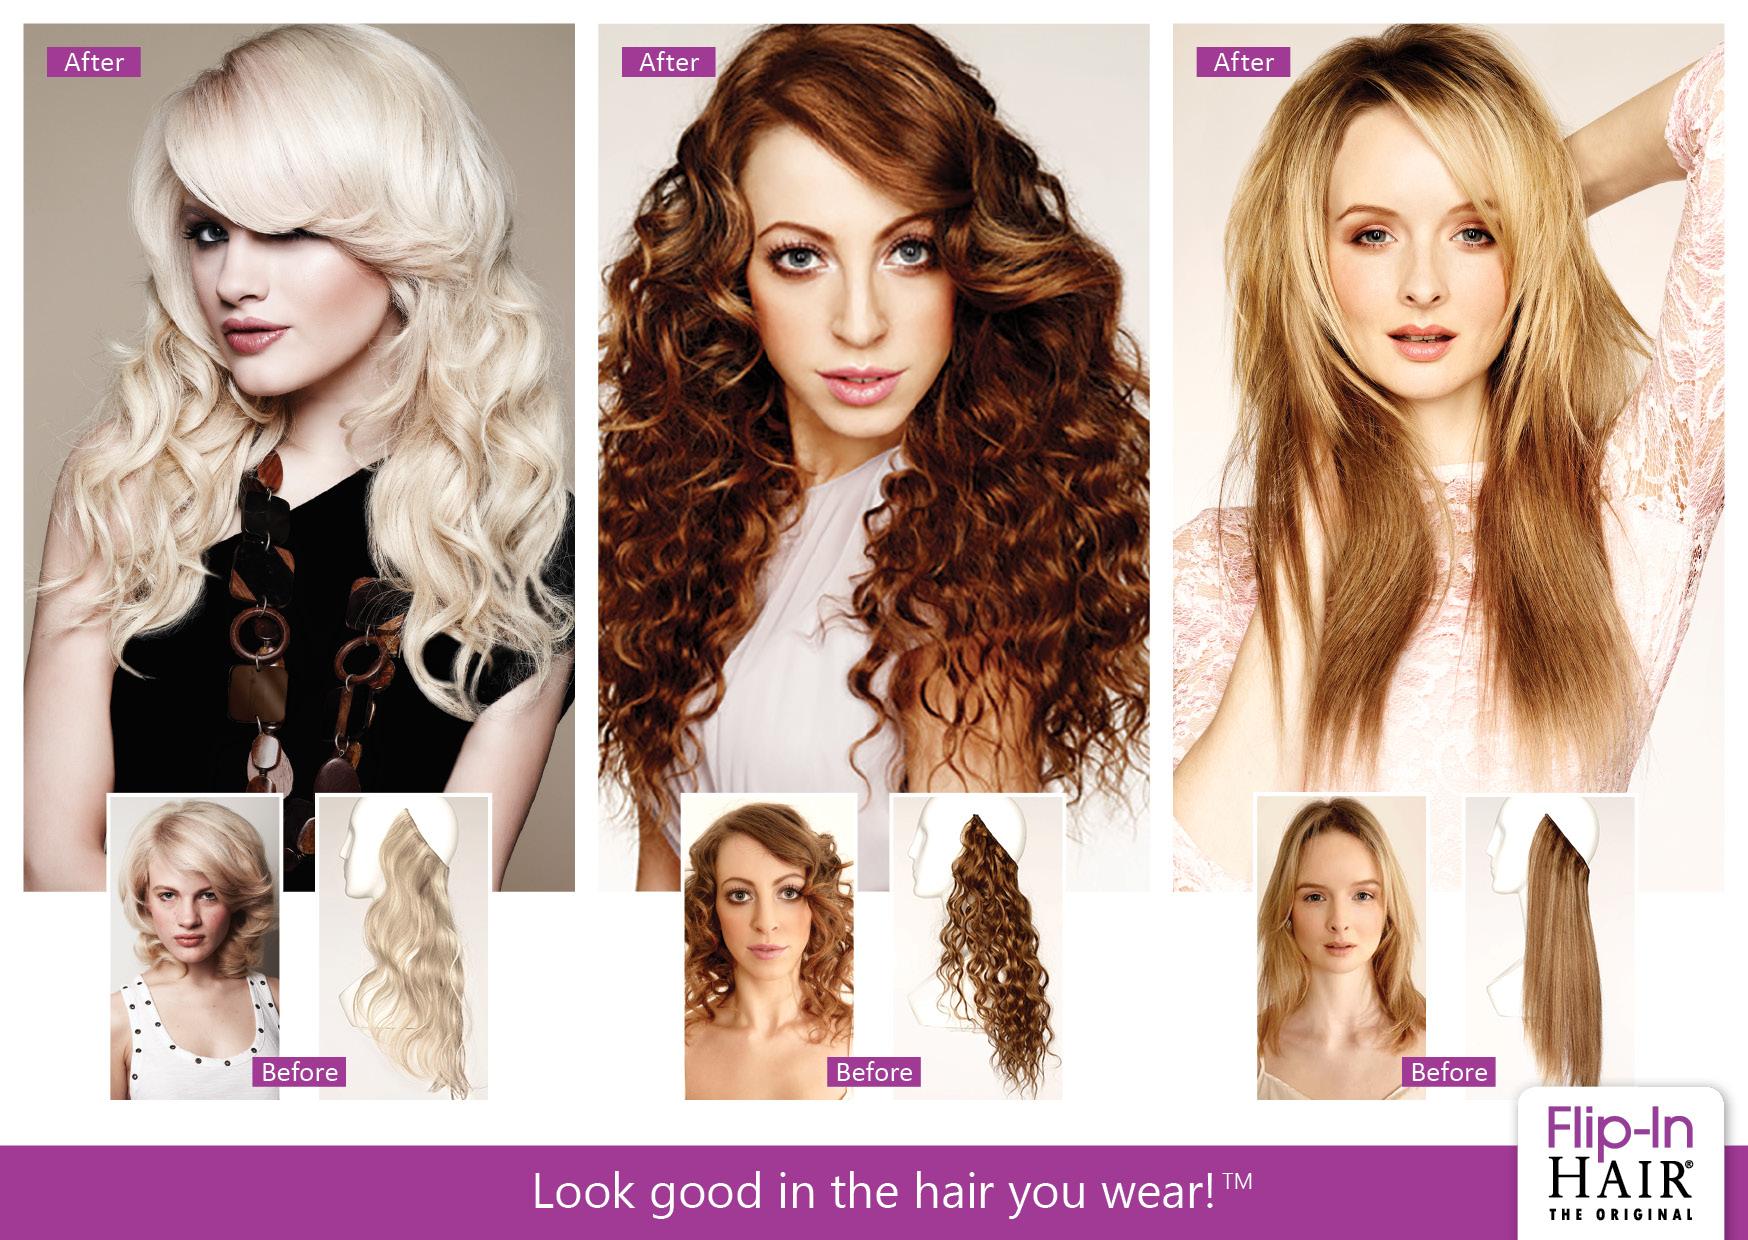 Flip-In Hair Flip-In Hair